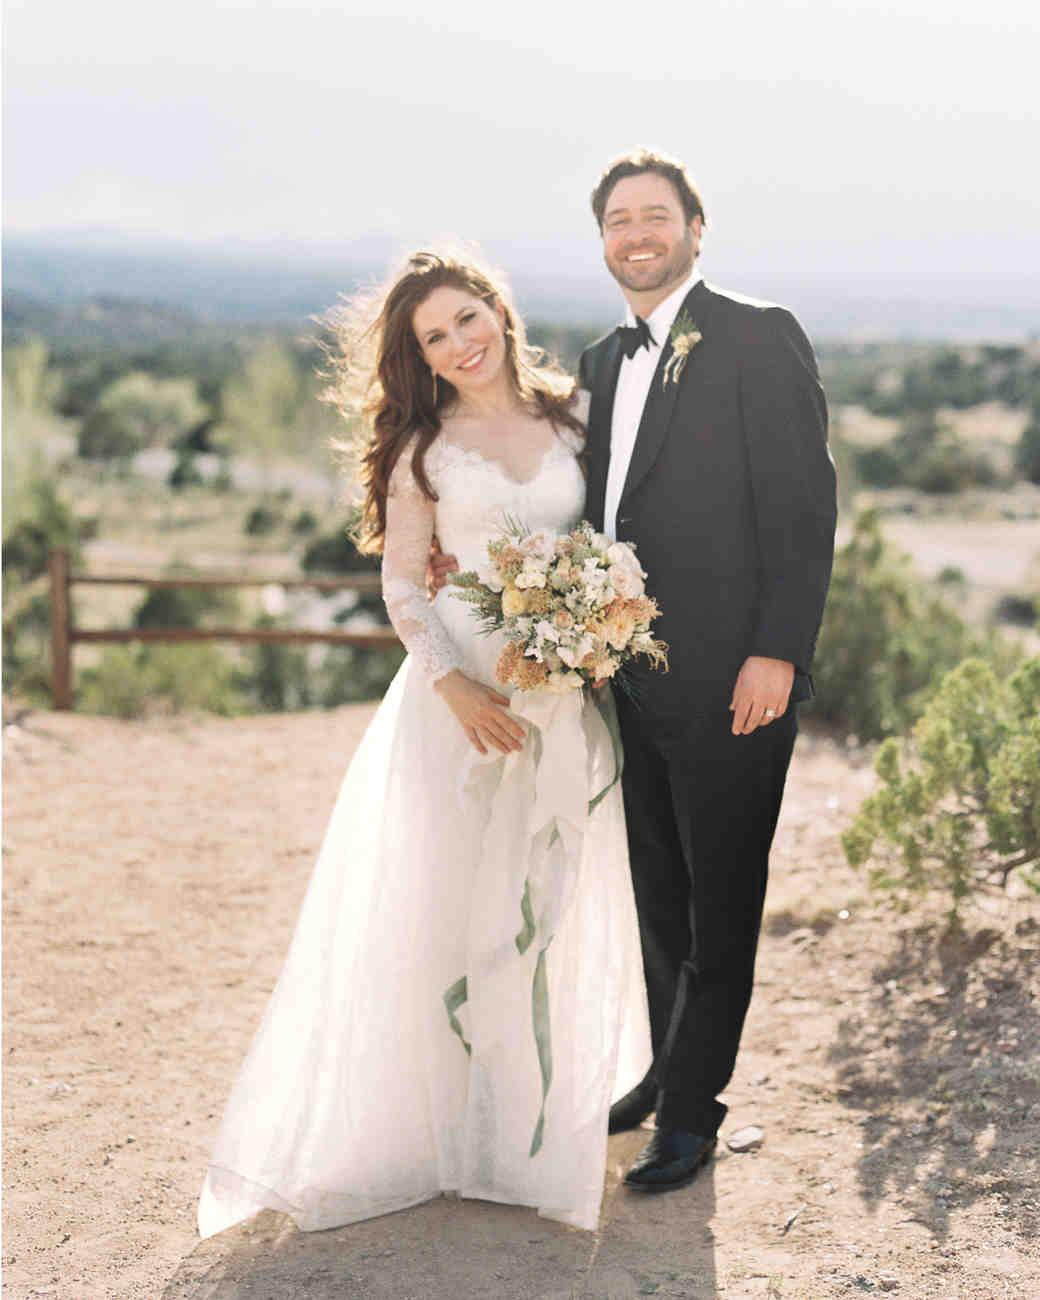 Katherine And Jared S Santa Fe Soir 233 E In The Desert